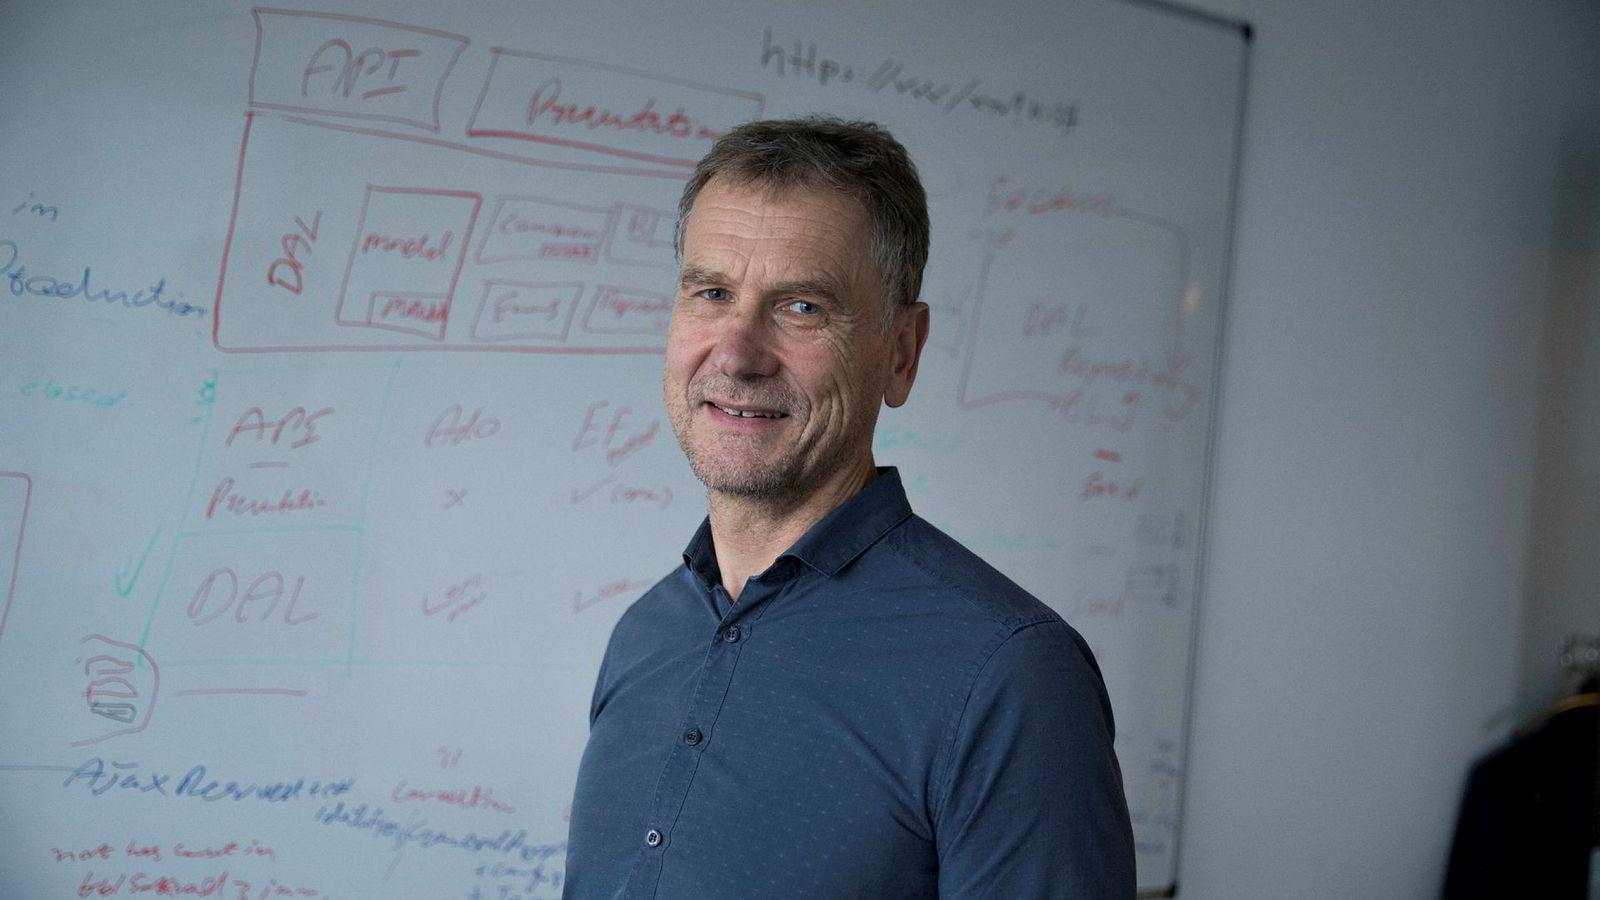 – Vi har ikke lansert Hudya Mobil før nå og har i høst hatt en testoperasjon, sier Pål Eivind Vegard, produktdirektør Hudya Mobil.